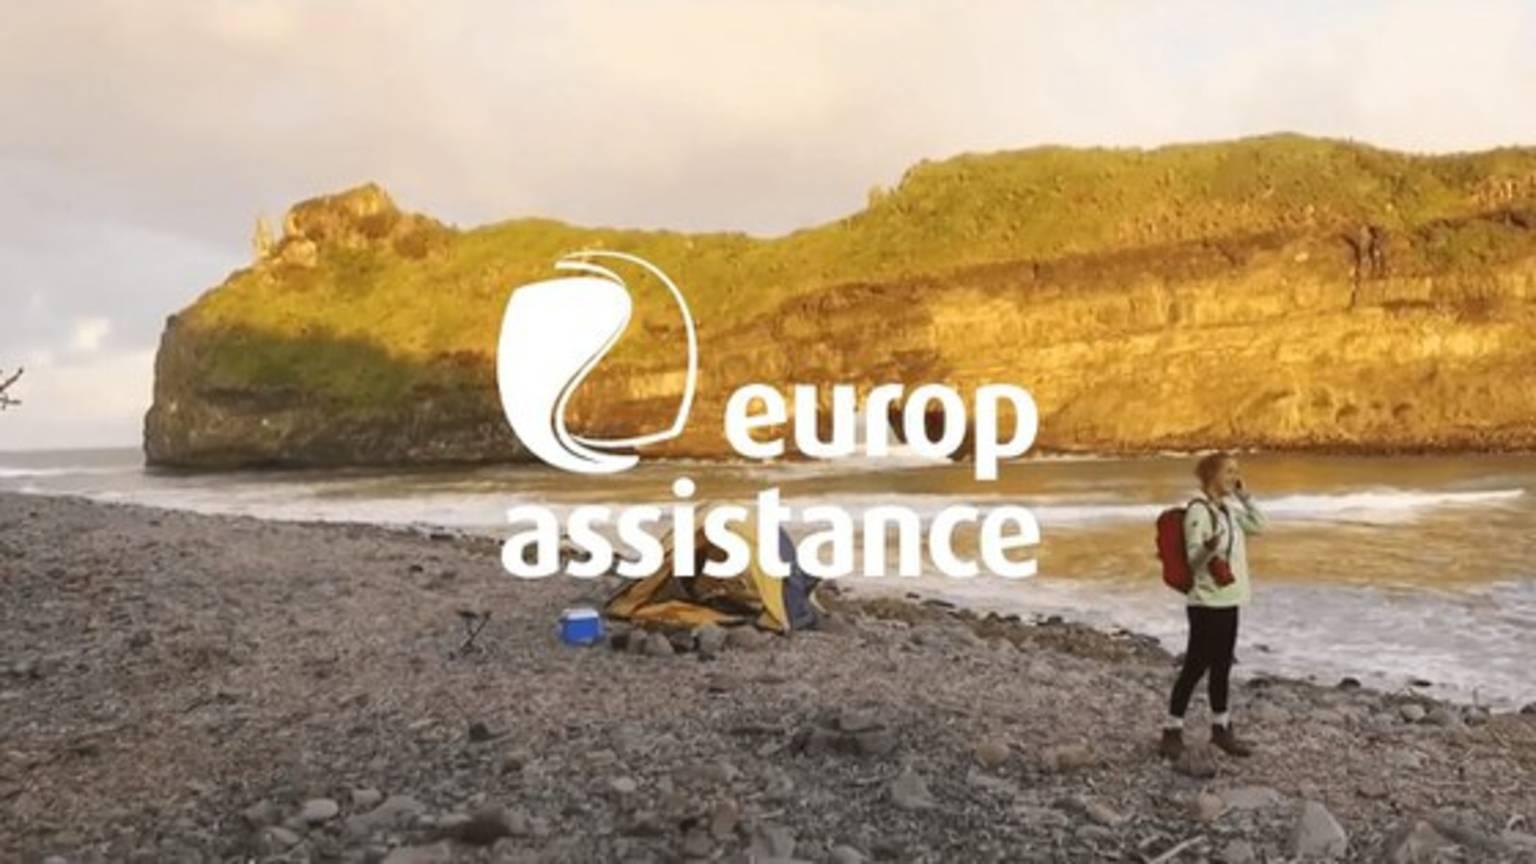 europ-assistance-video